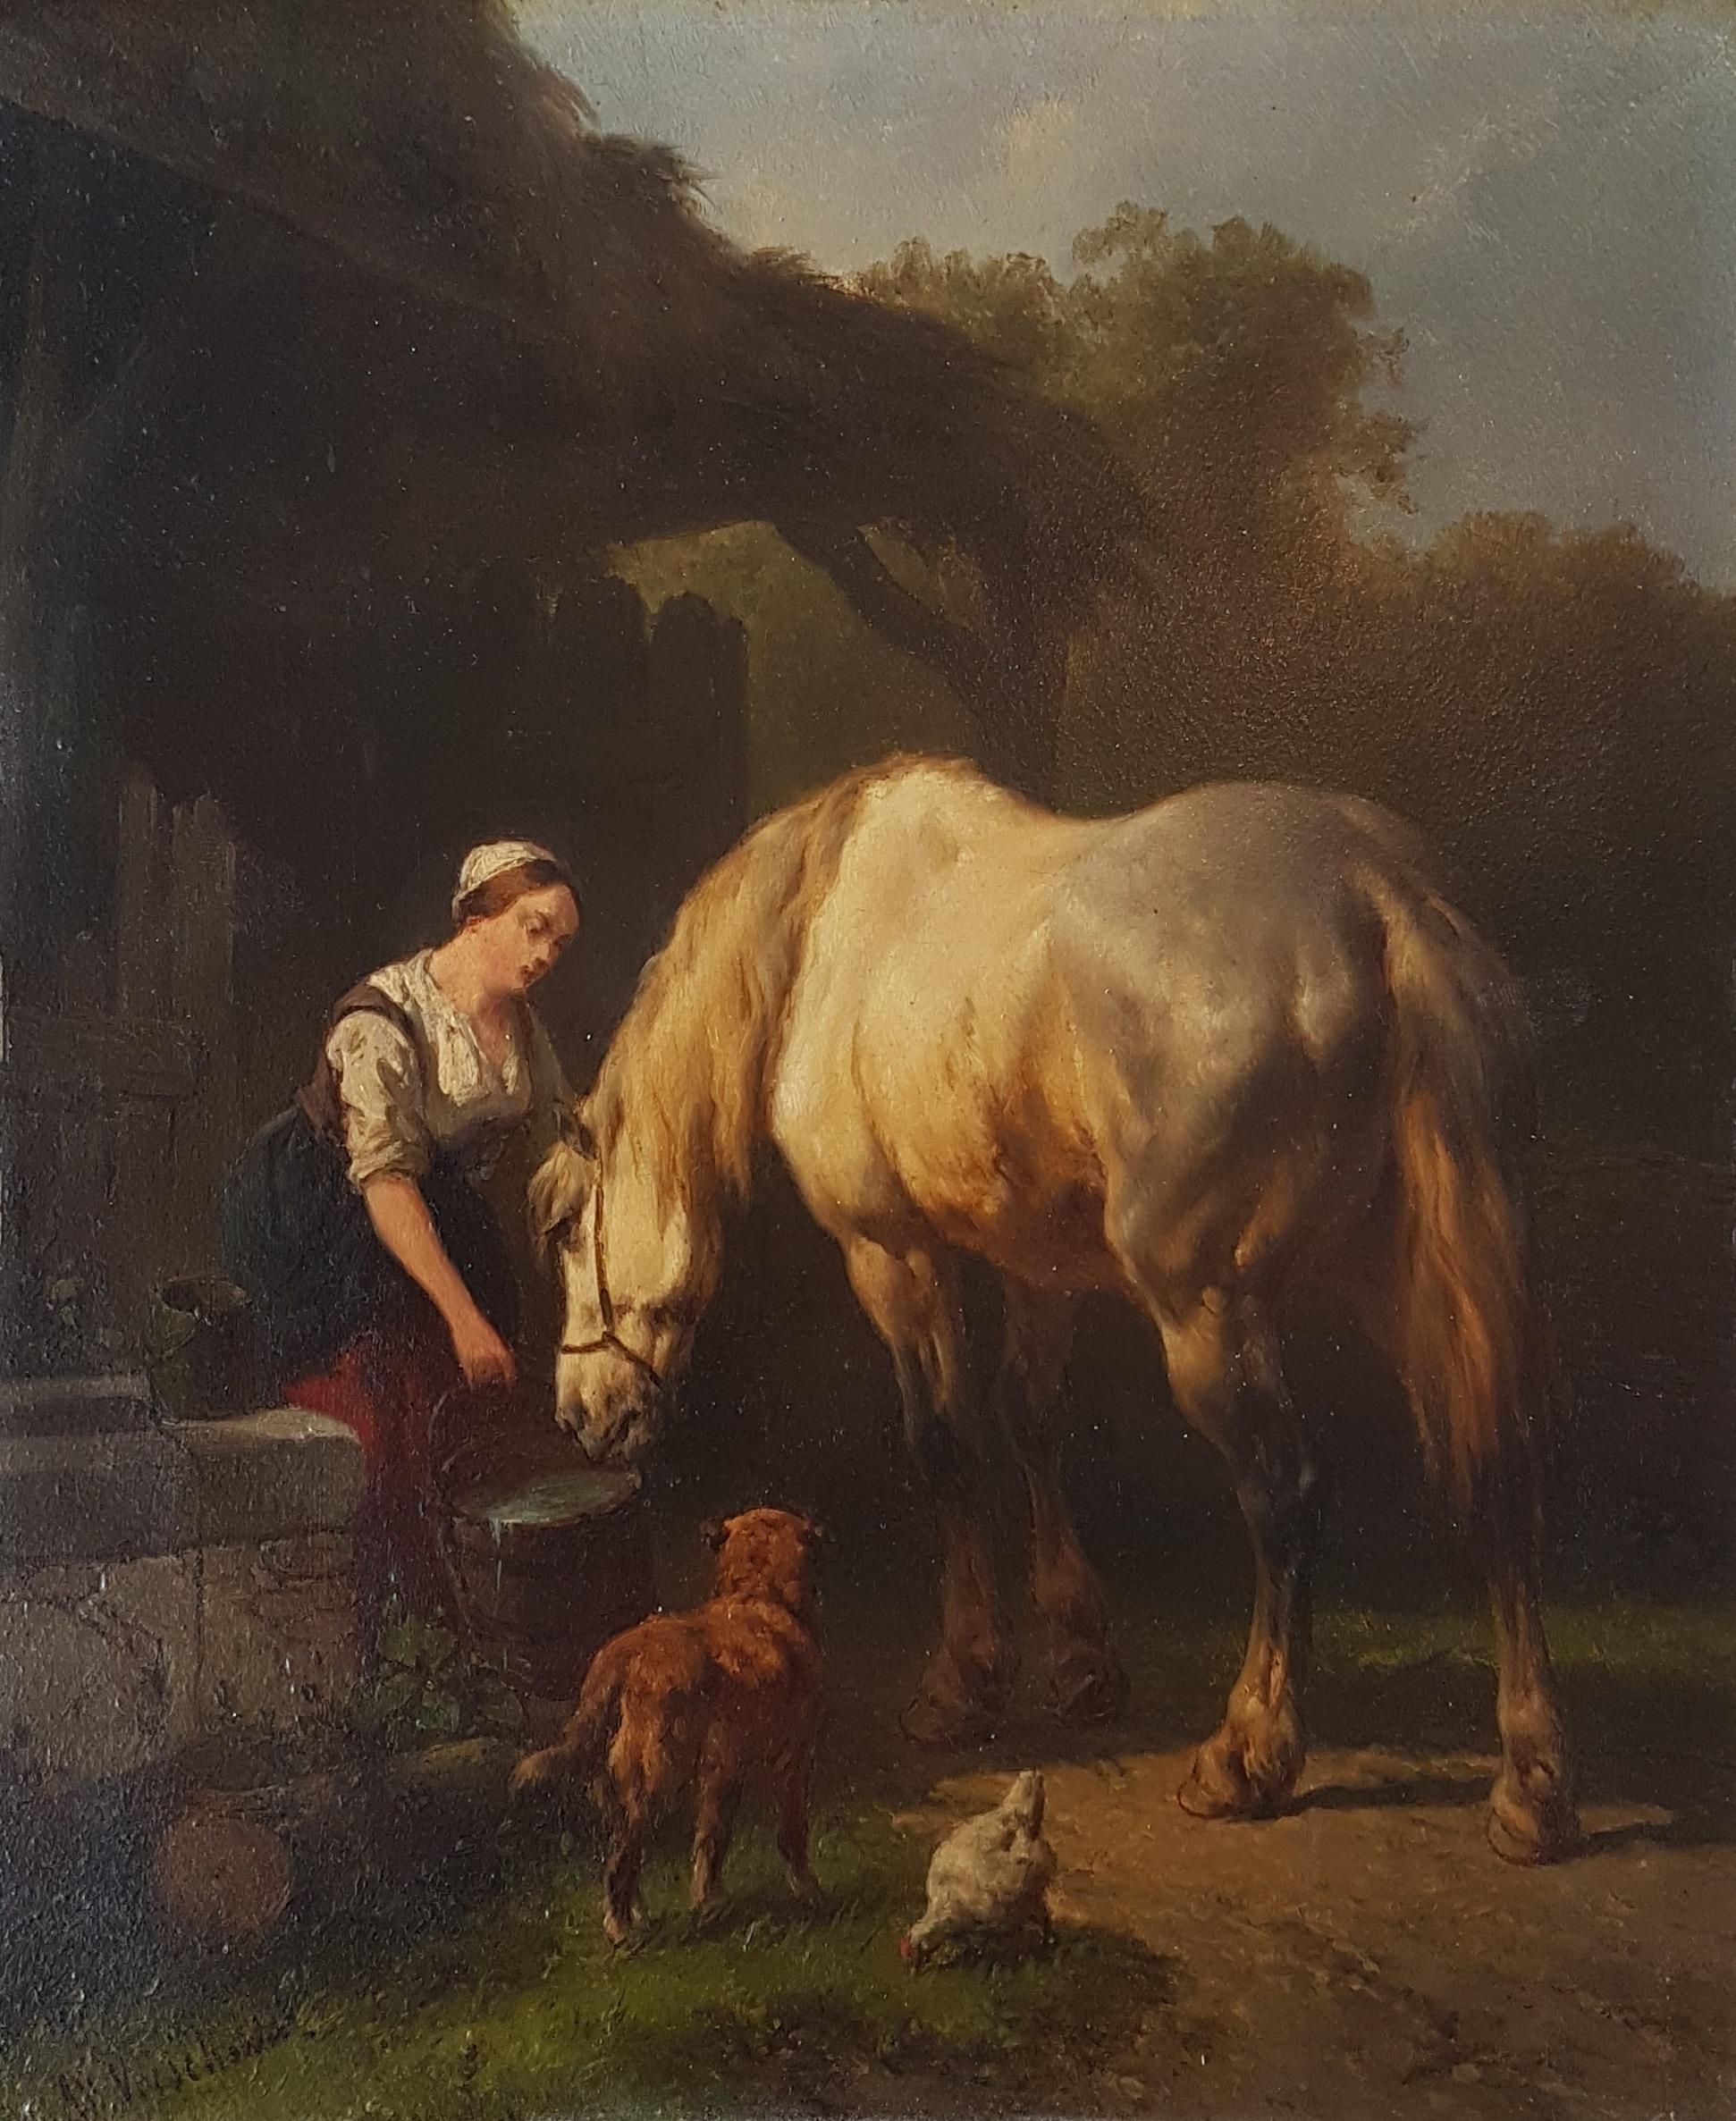 Vrouw laat paard drinken